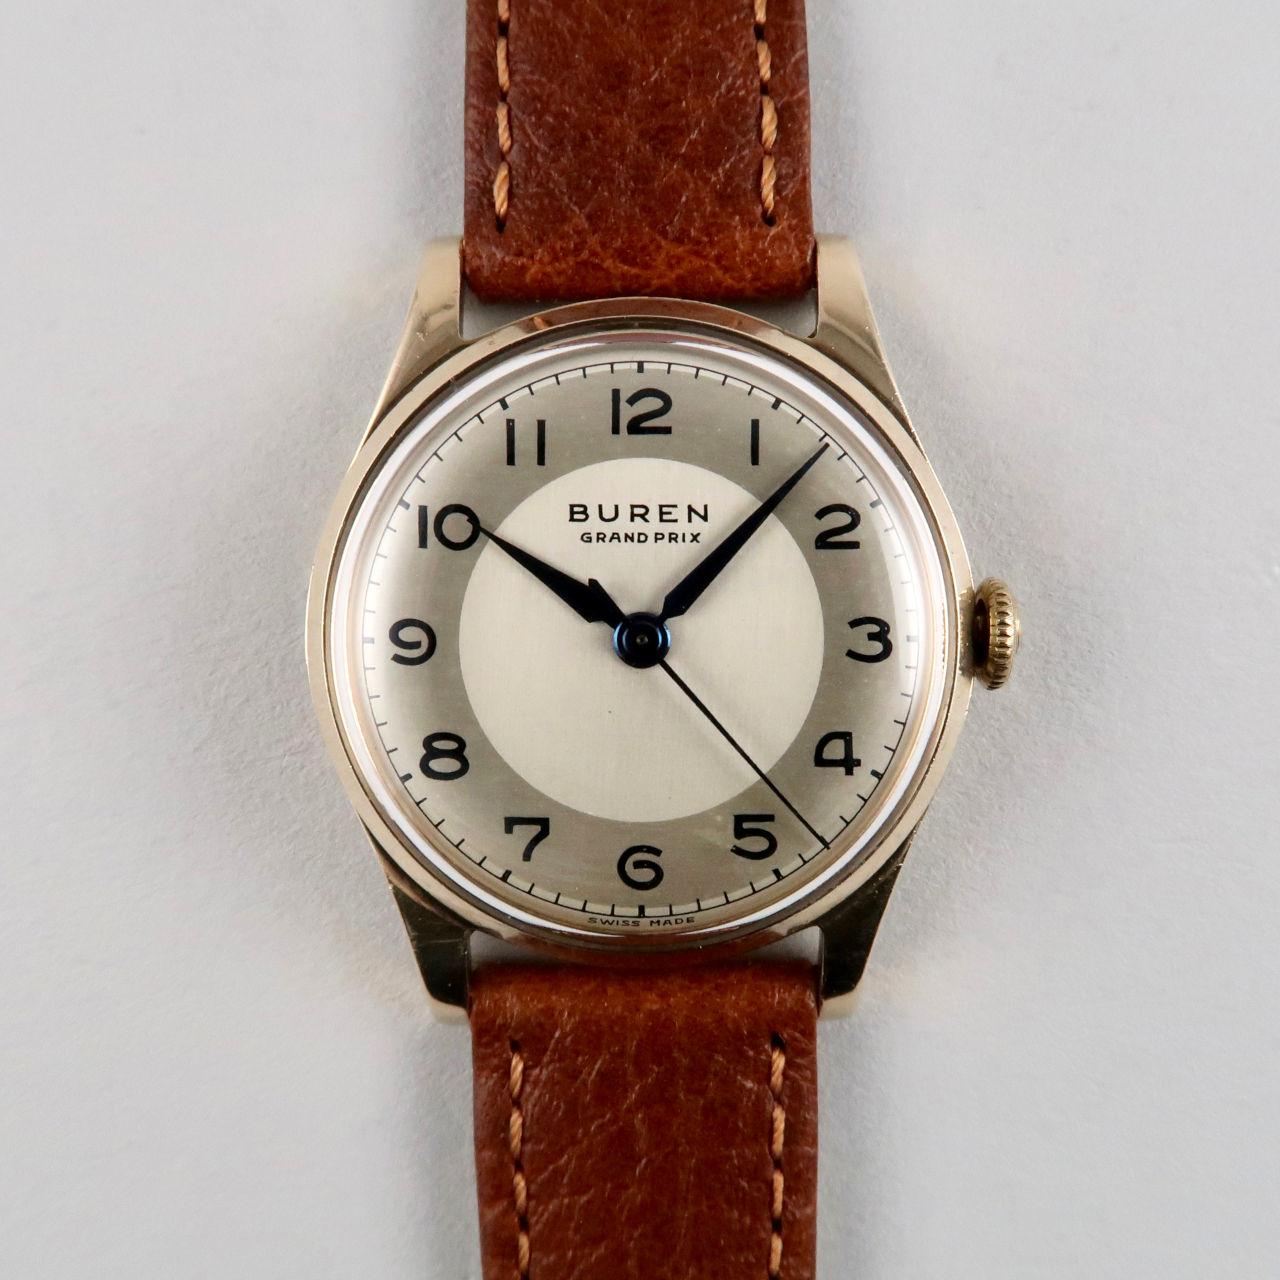 Buren Grand Prix gold vintage wristwatch, hallmarked 1956